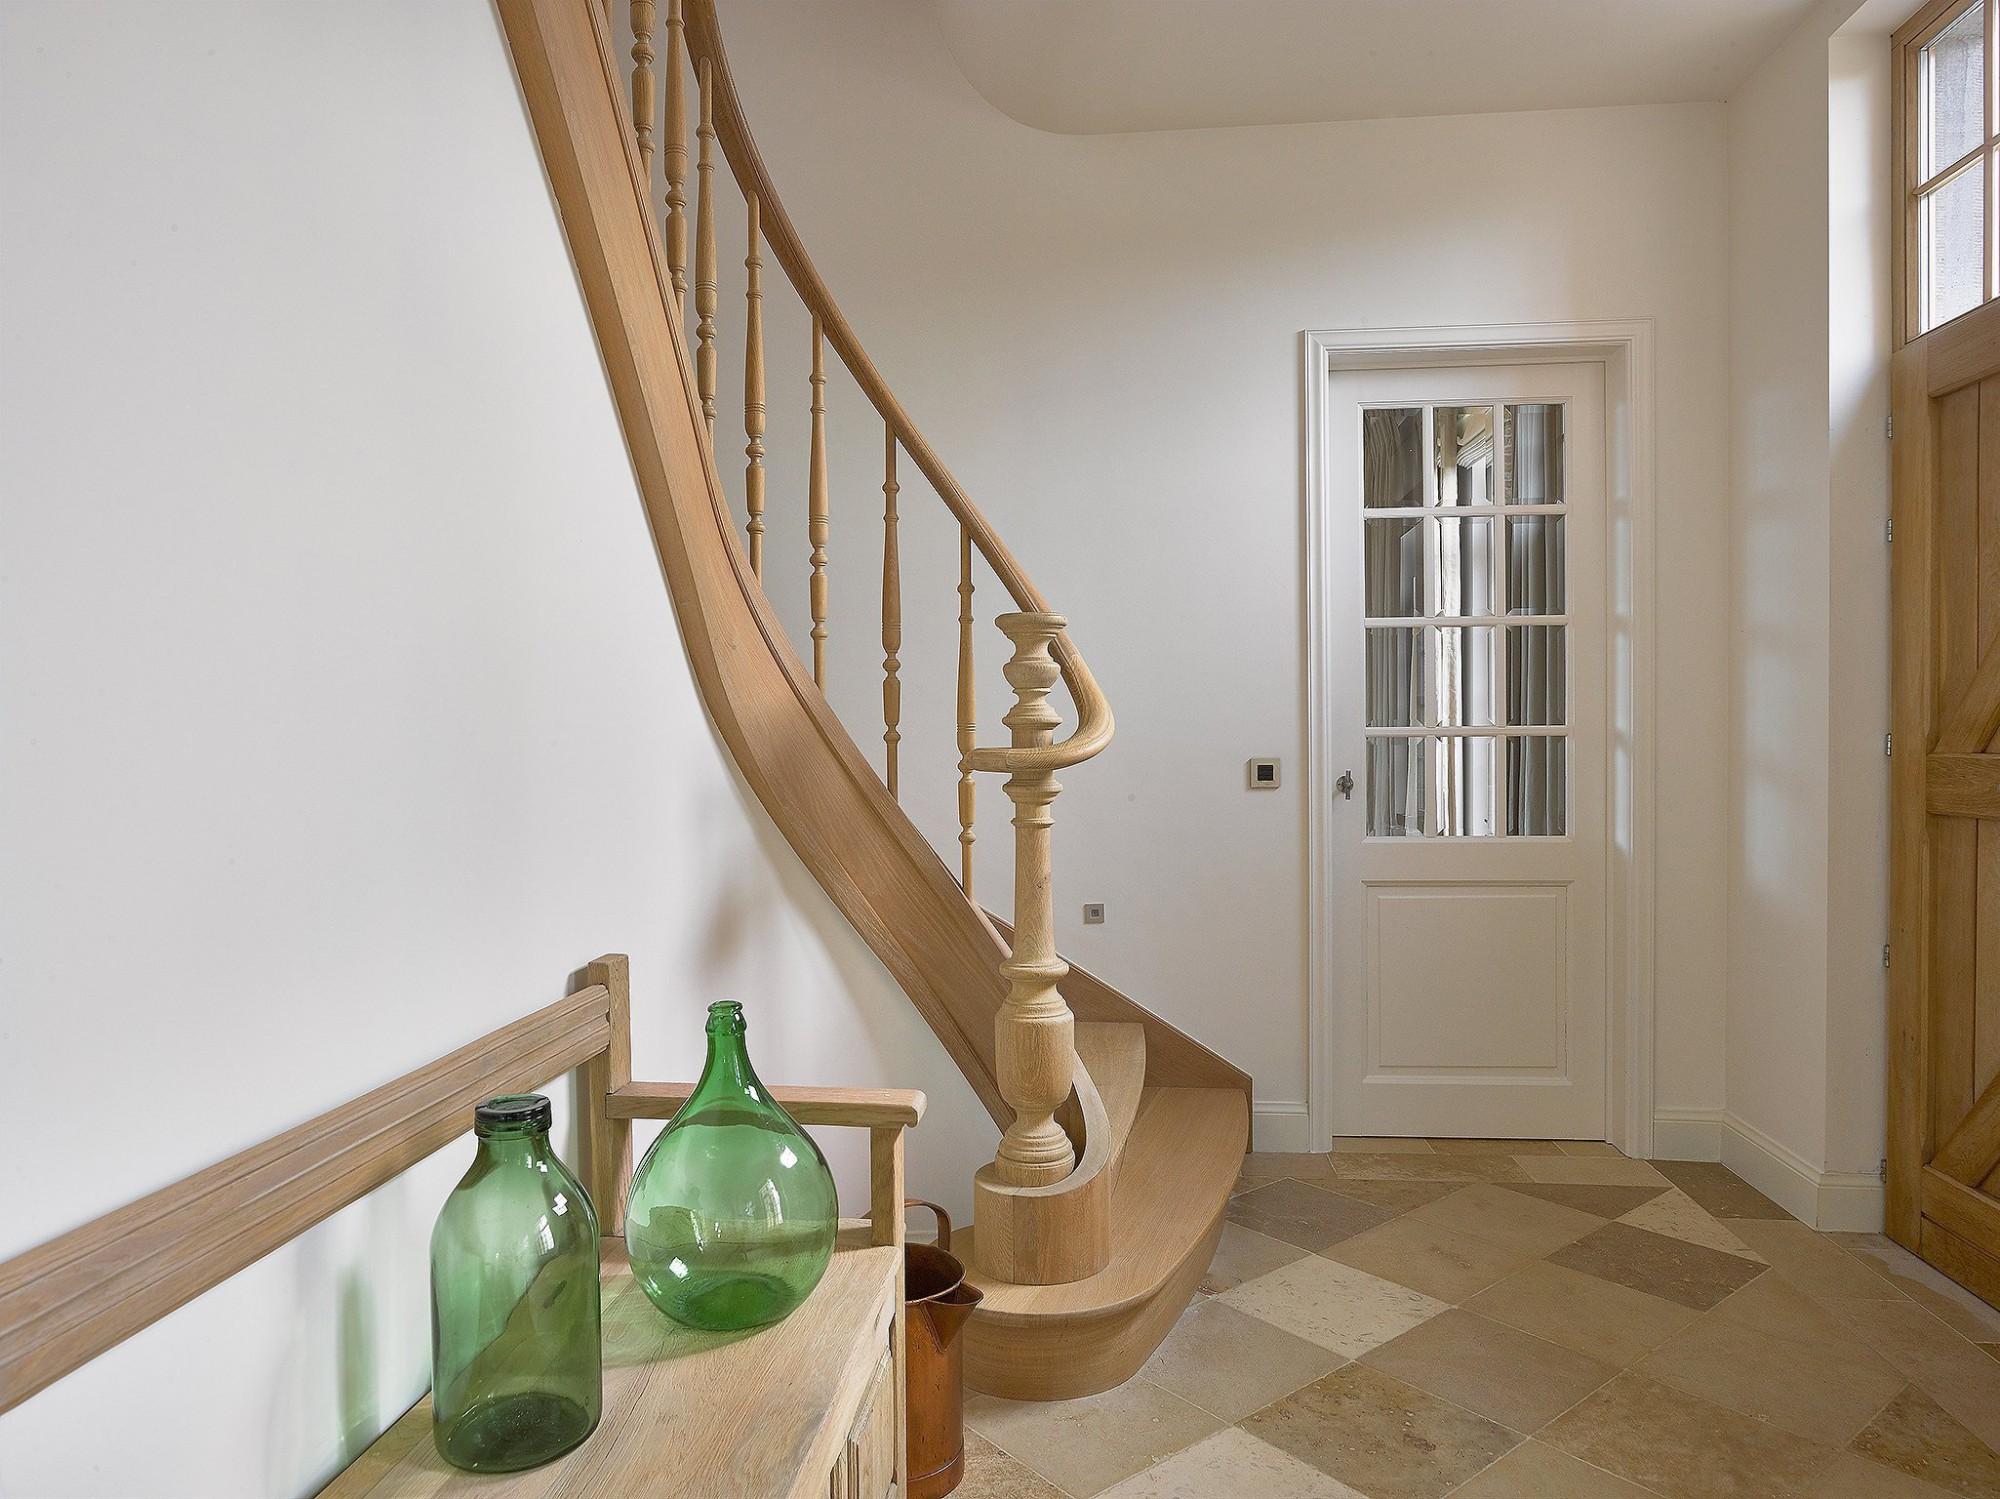 Afbeelding: Fotografie interieur - binnendeuren - trap voor Houthandel Marijnissen.